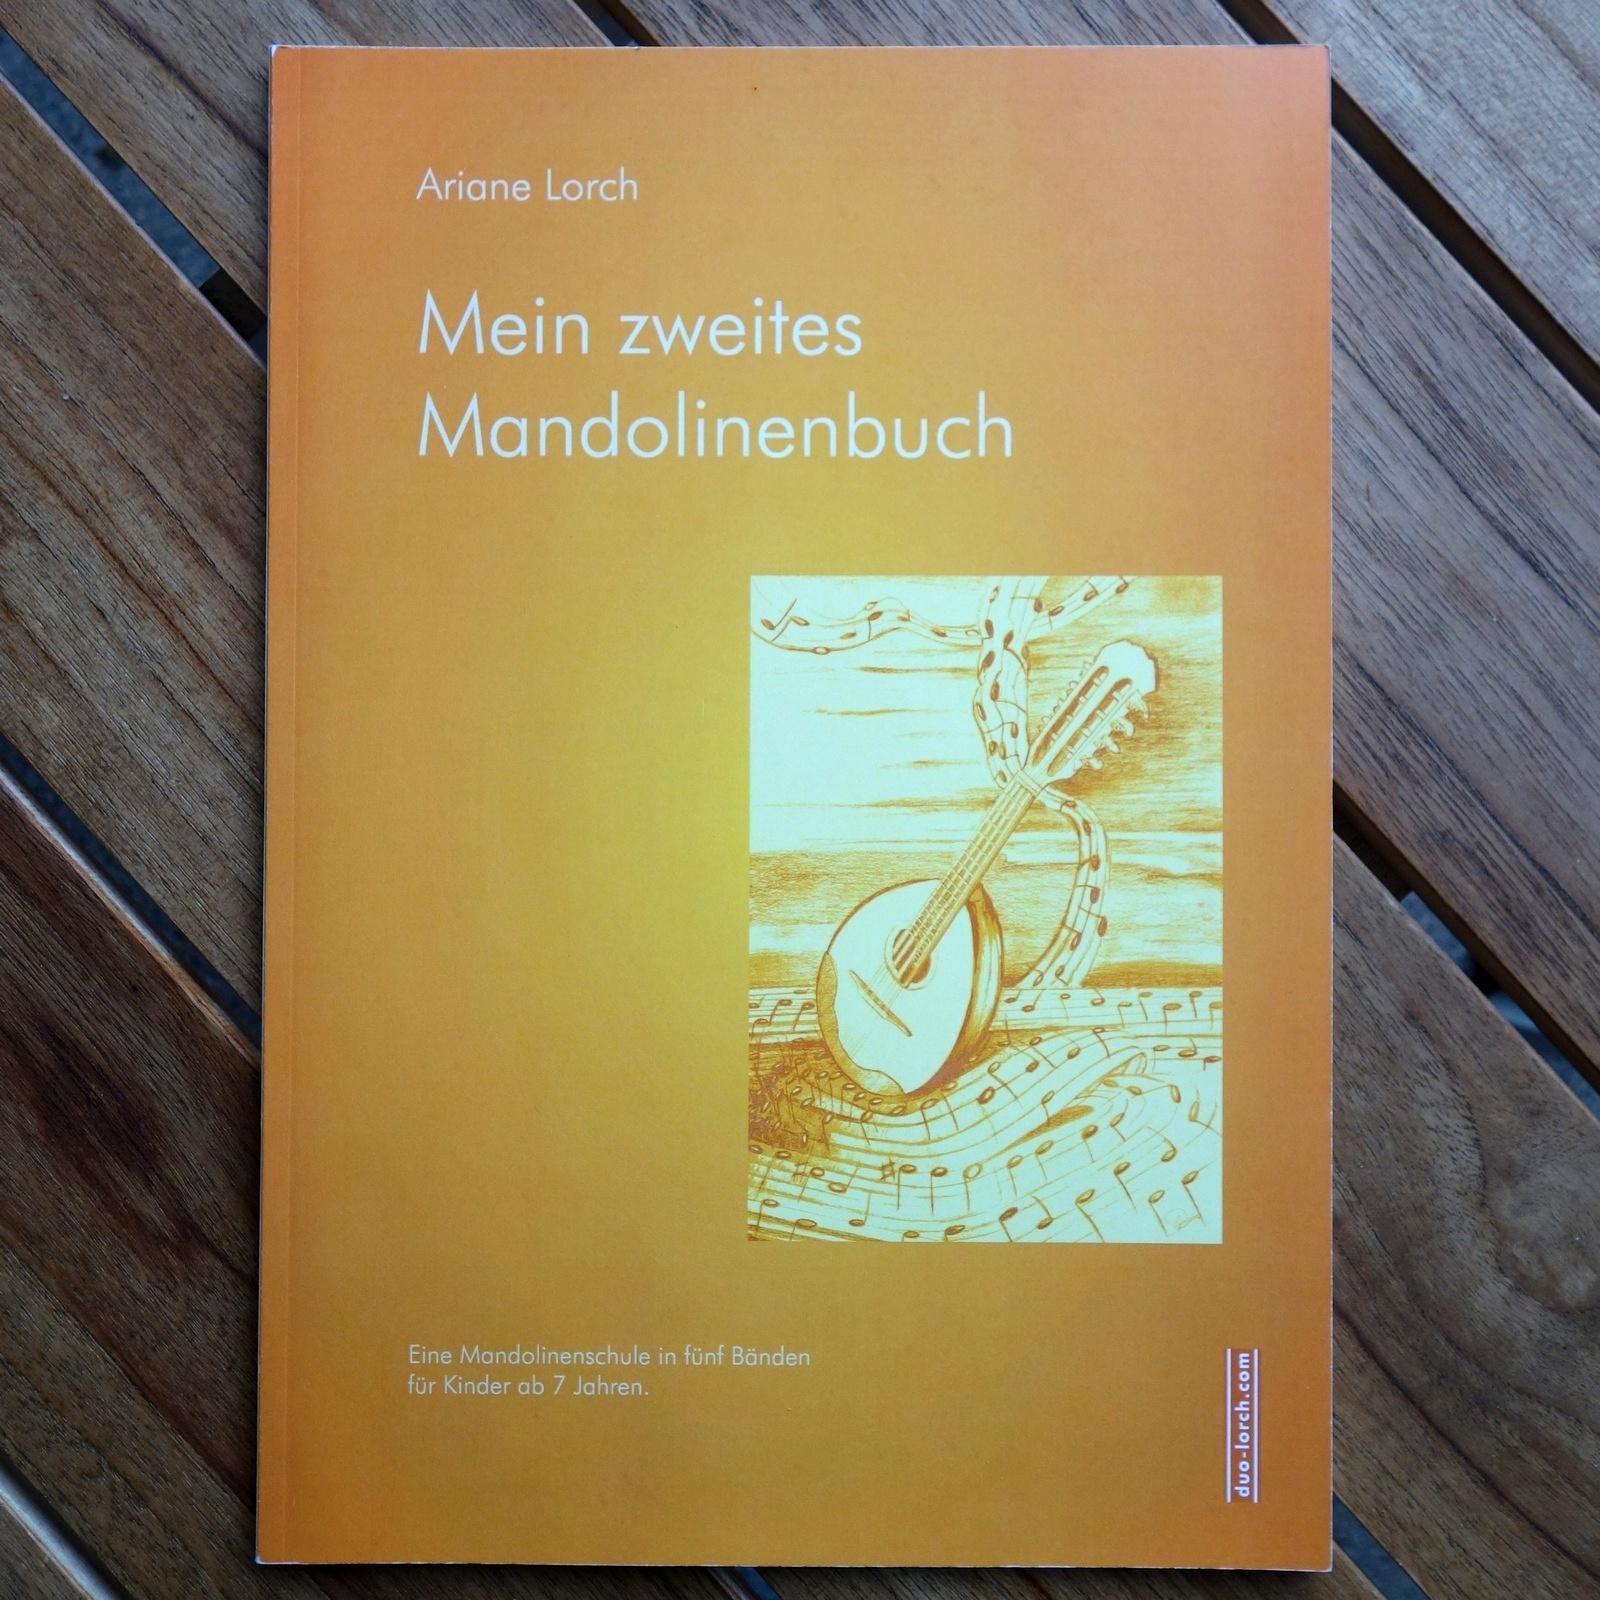 Das zweite Mandolinenbuch von Ariane Lorch